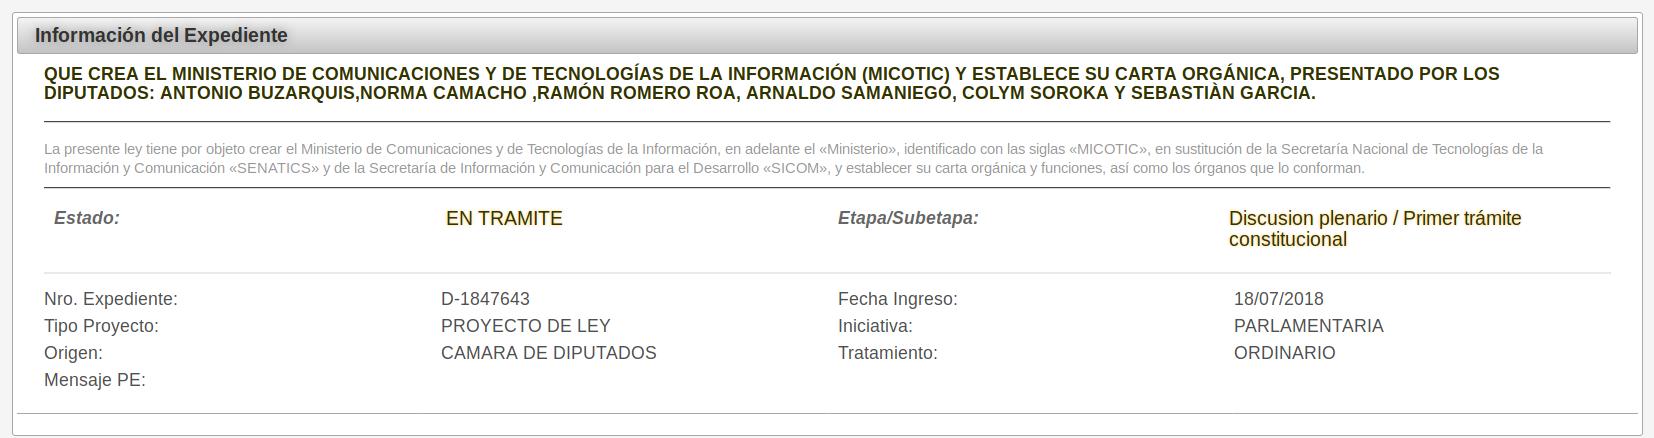 Ley para la creación del Ministerio de Tecnologías de la Información y Comunicación (MITIC)